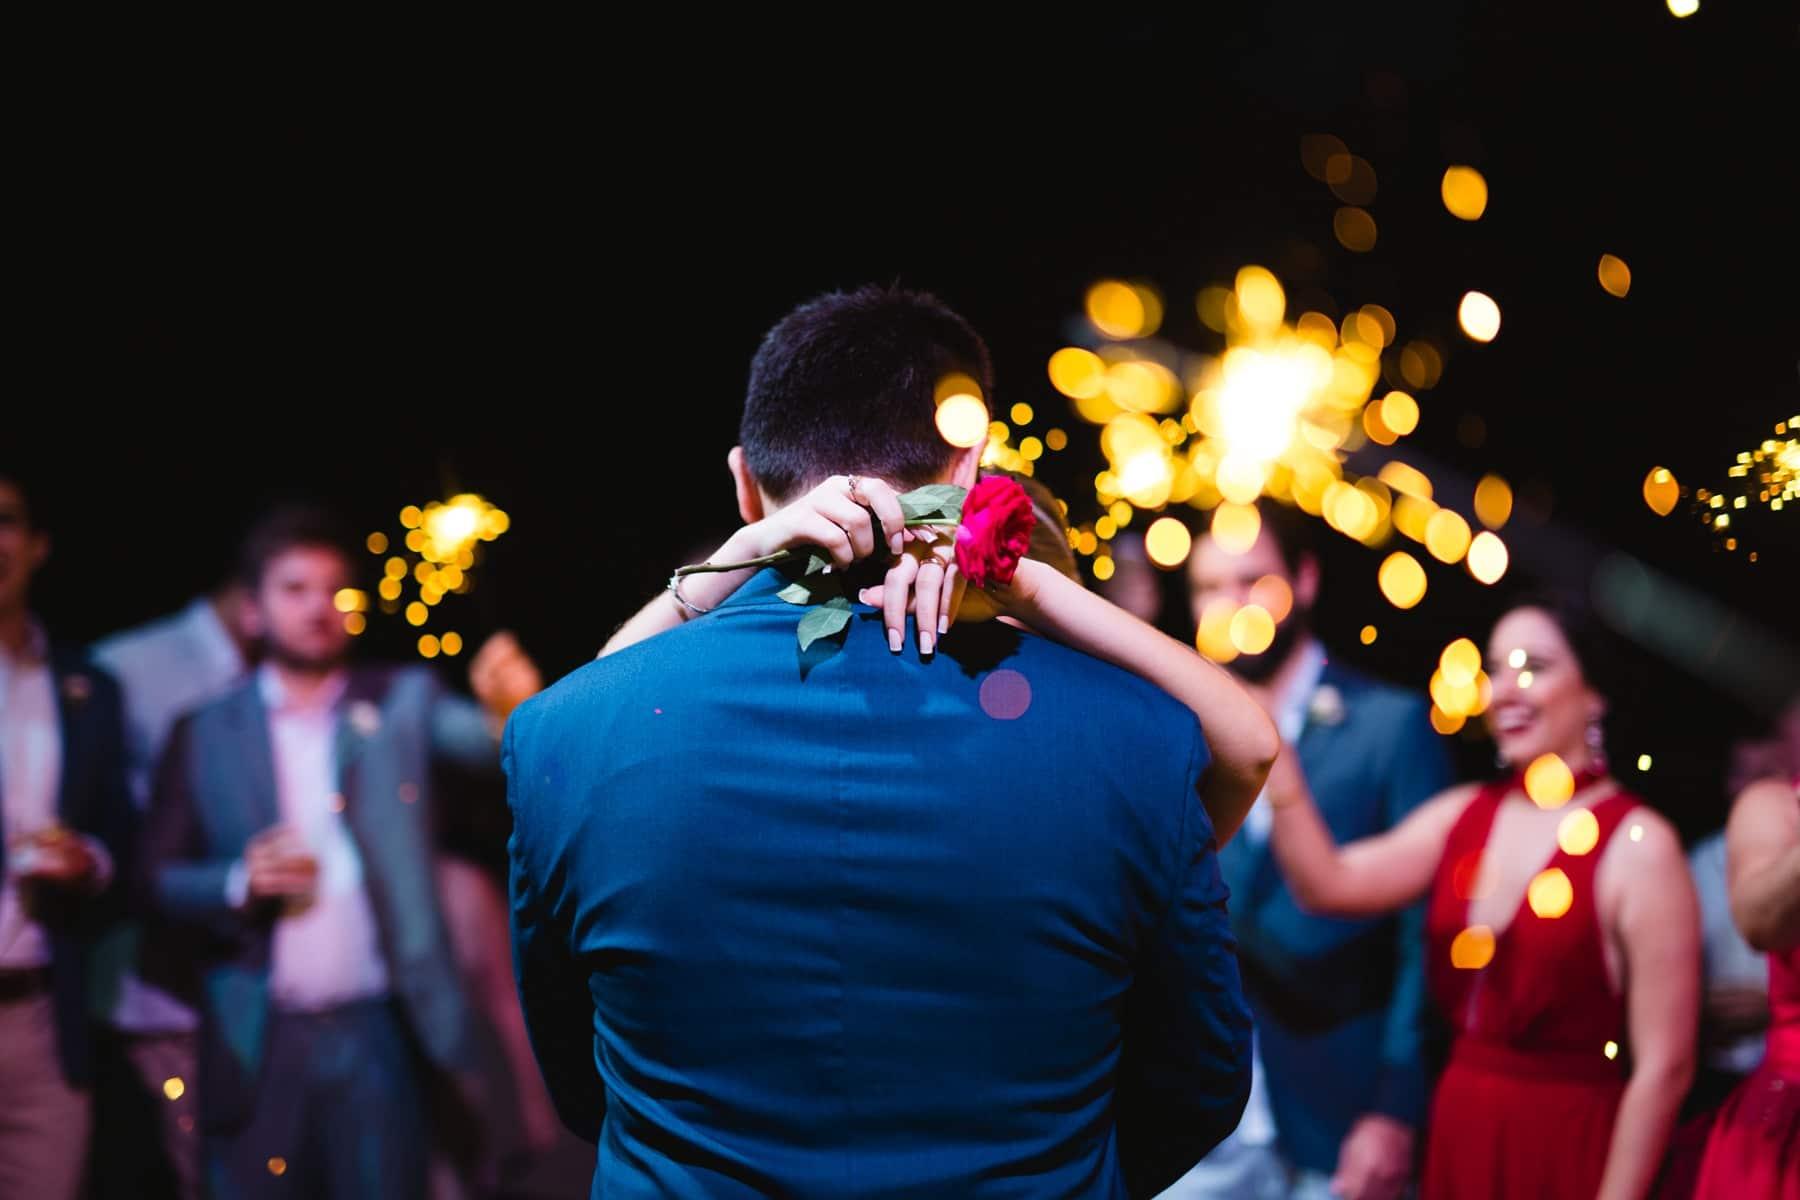 festa de casamento animada sparkles